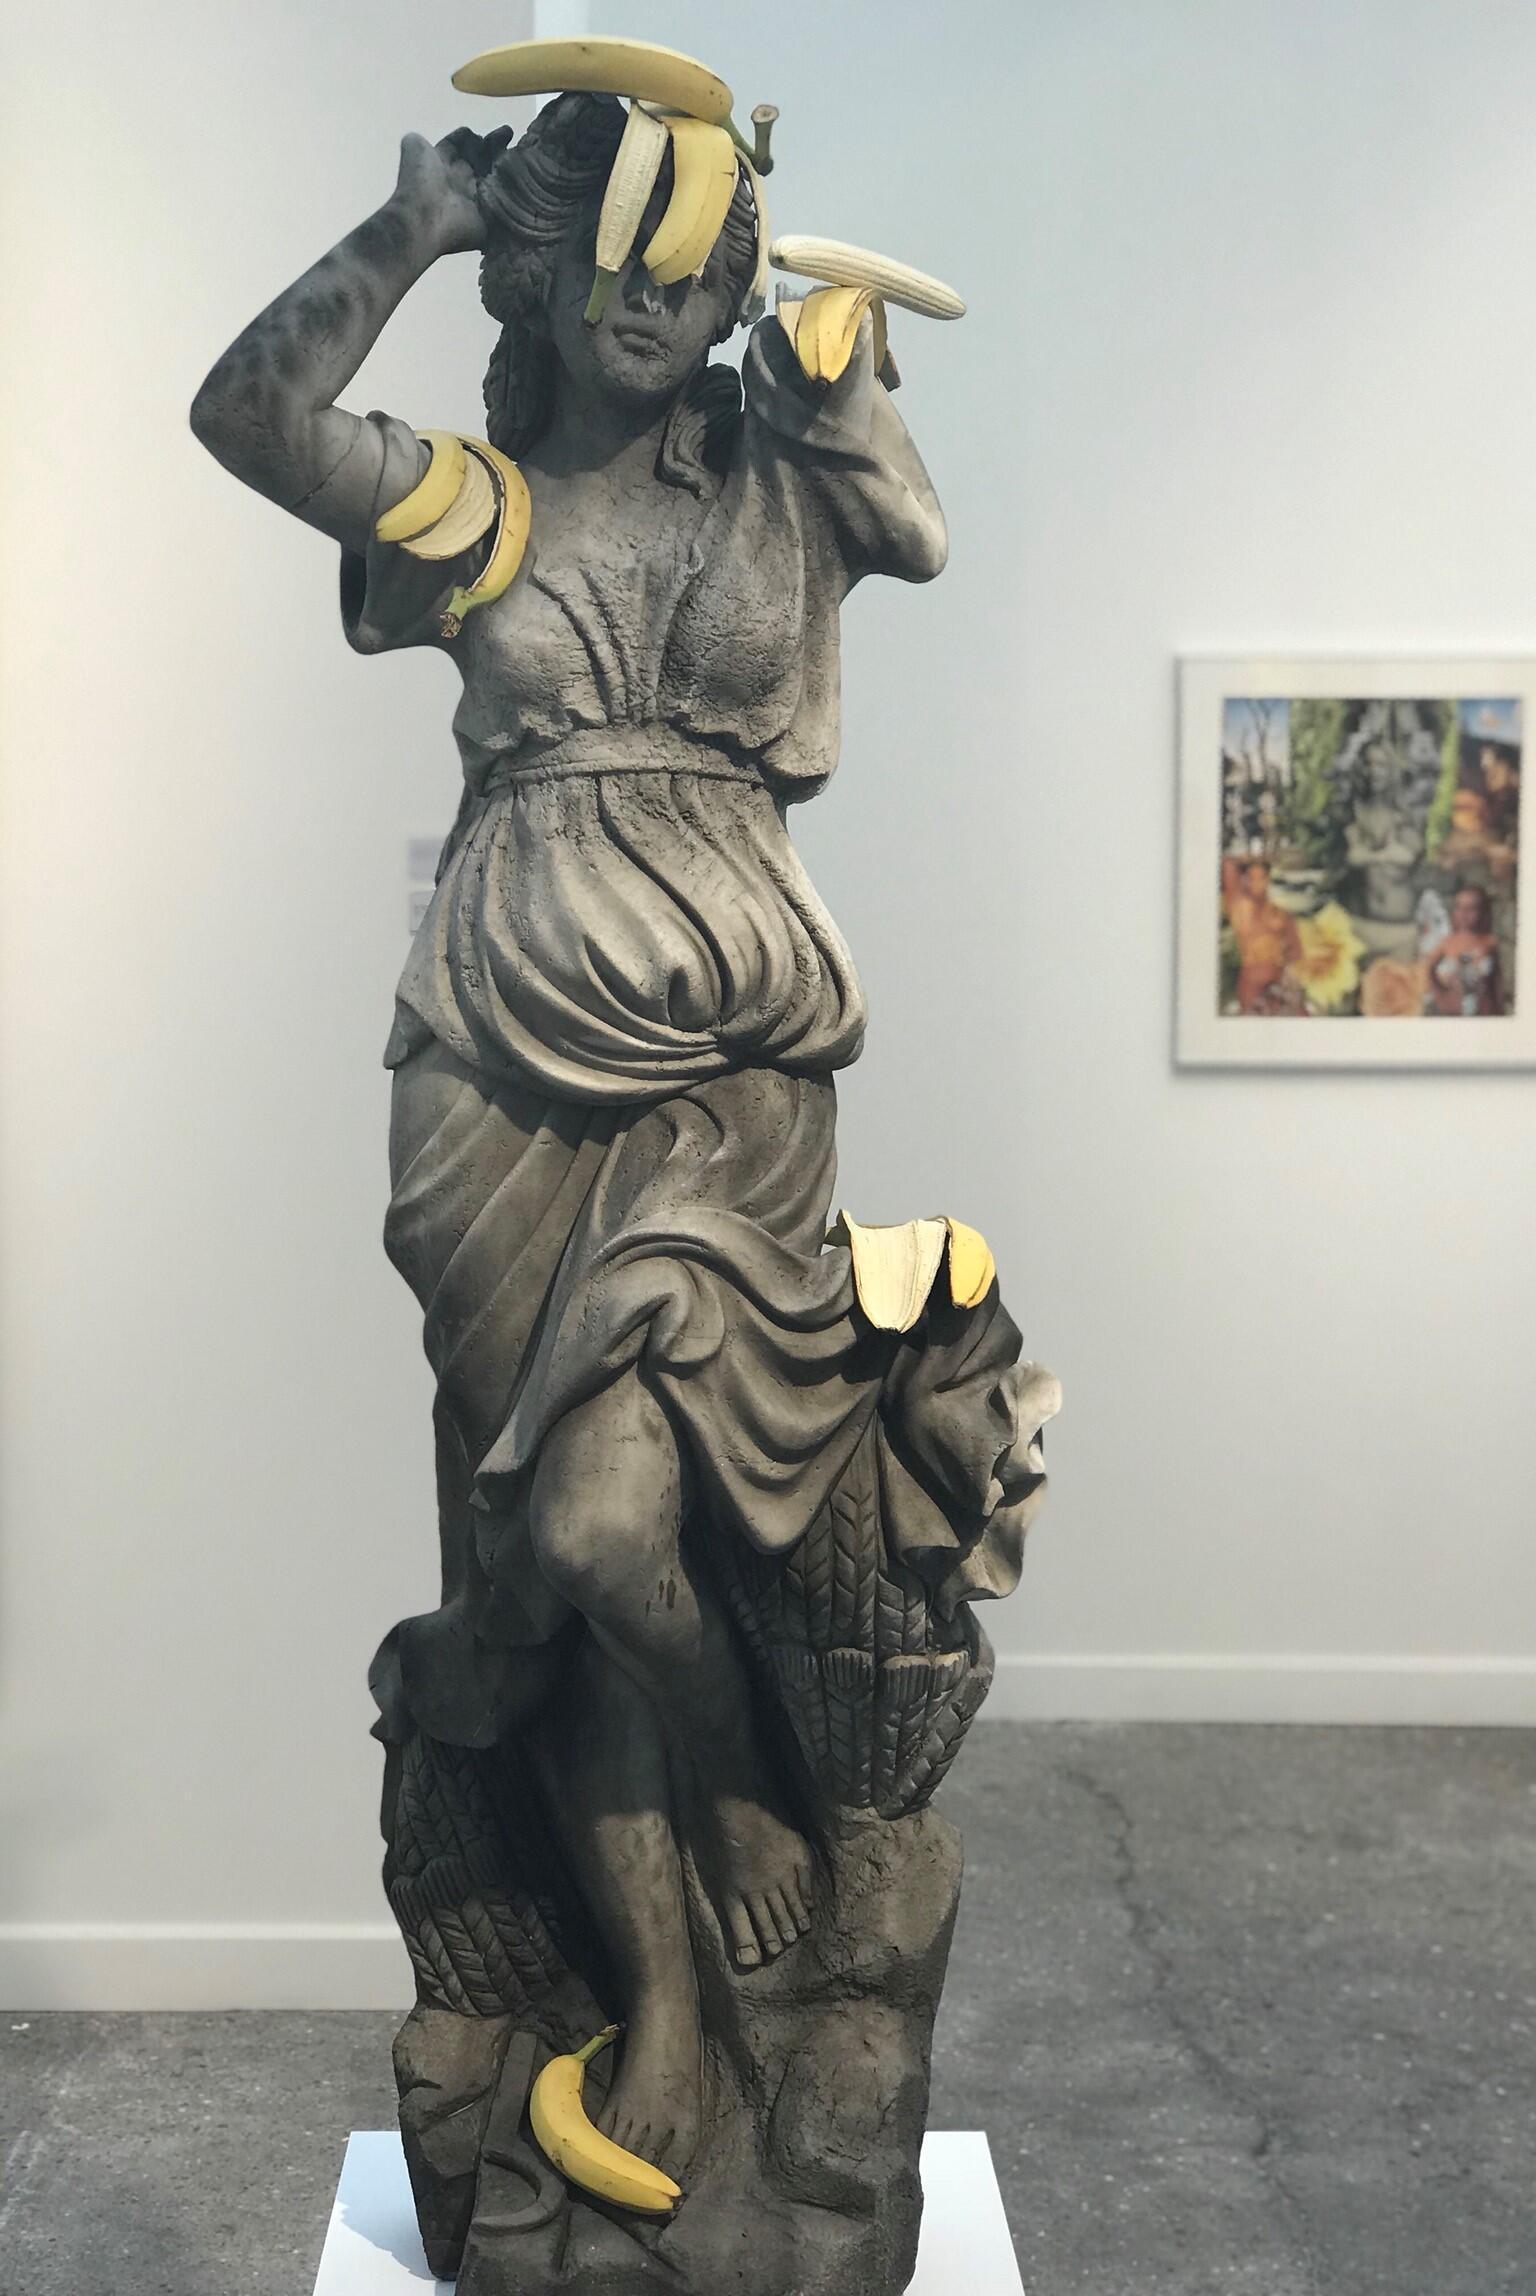 مجسمه برنزی اثر Tony Matelli / قسمتی از اثر